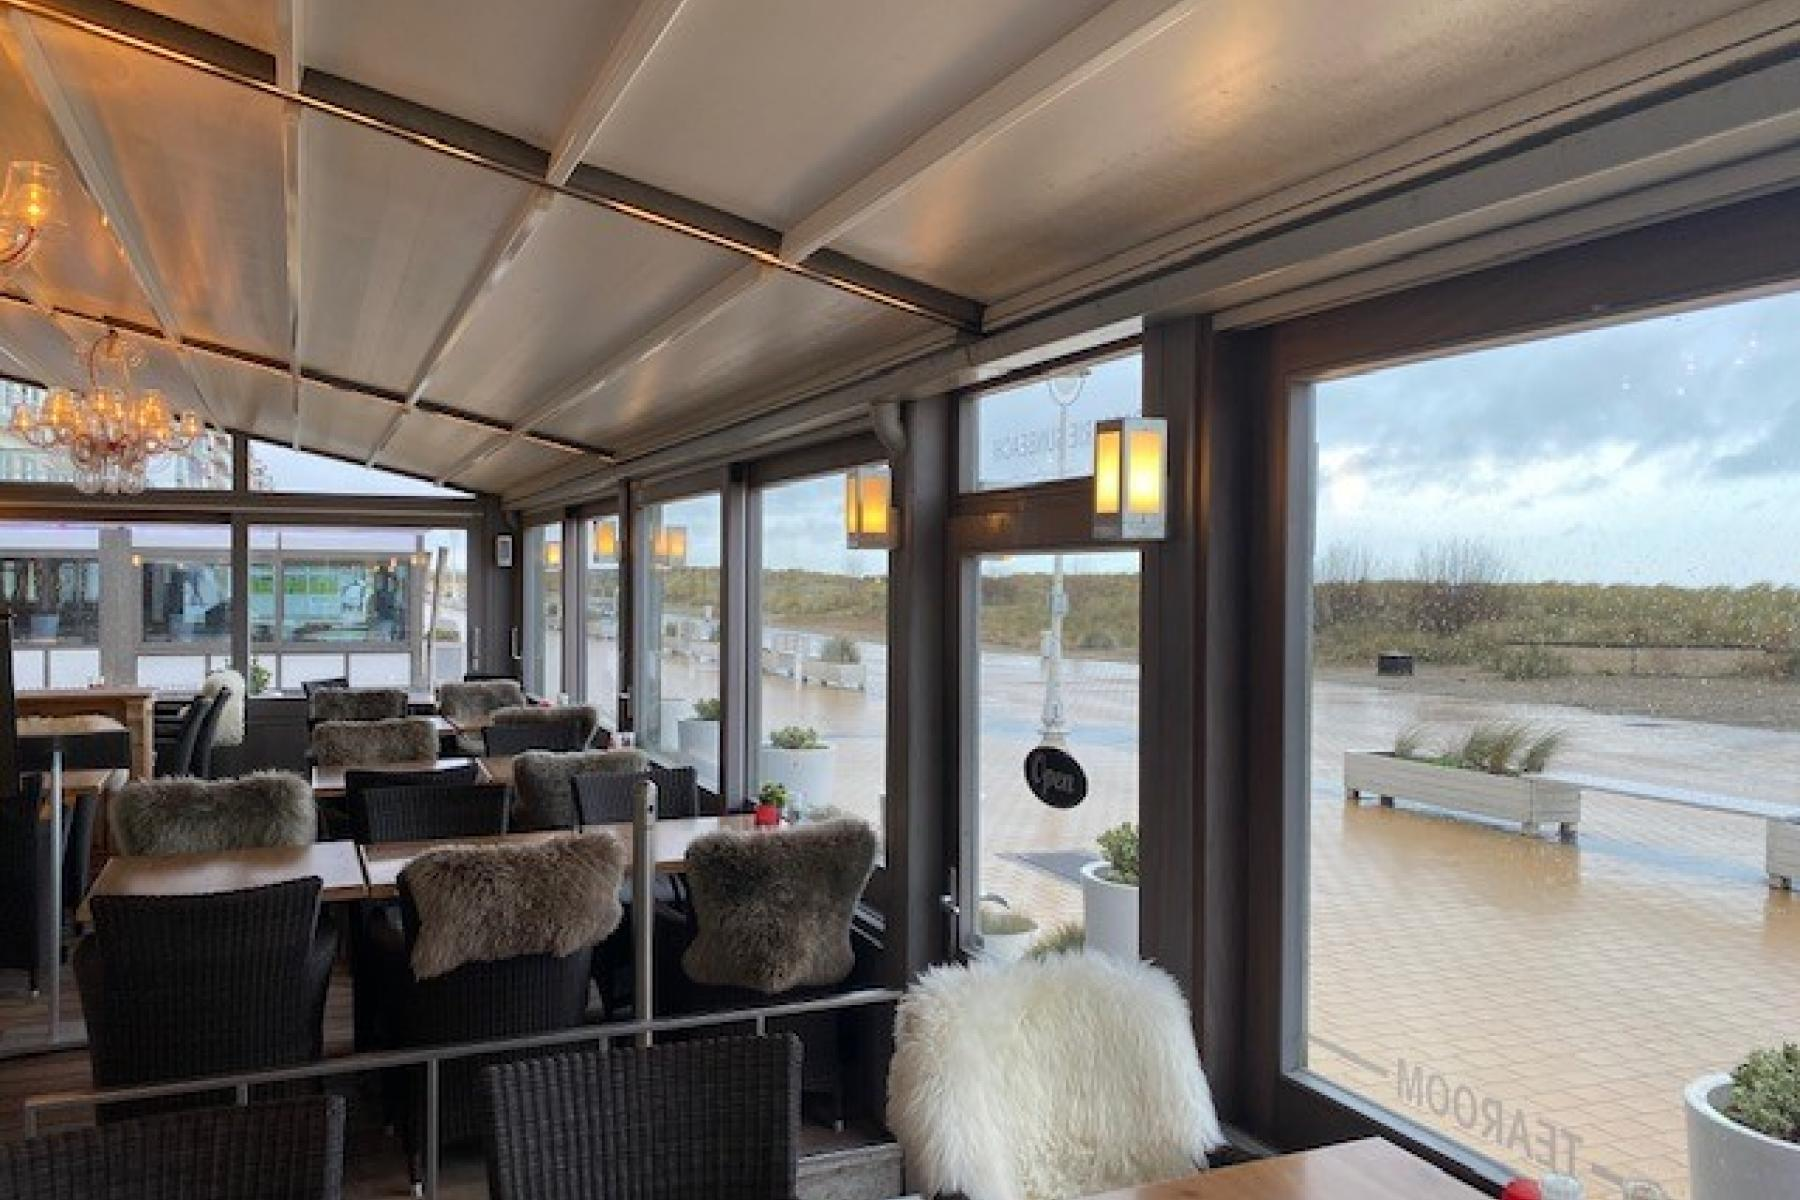 Visit-Nieuwpoort Brasserie Sunbeach